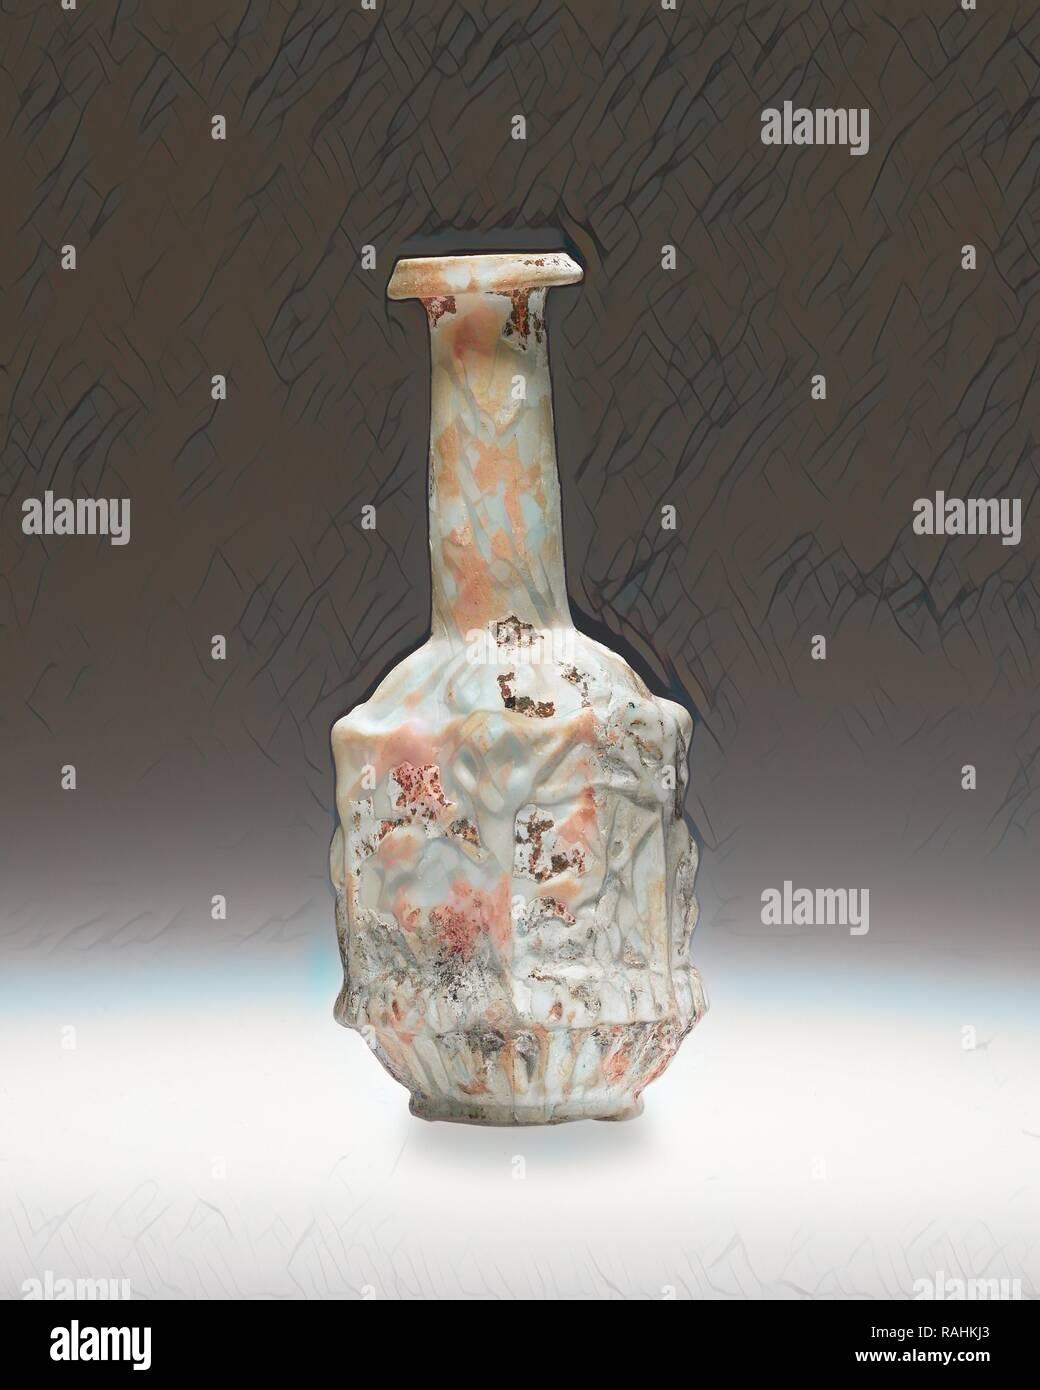 Pallone, Impero romano del I secolo, vetro, 9,2 cm (3 5,8 in.). Reinventato da Gibon. Arte Classica con un tocco di moderno reinventato Immagini Stock